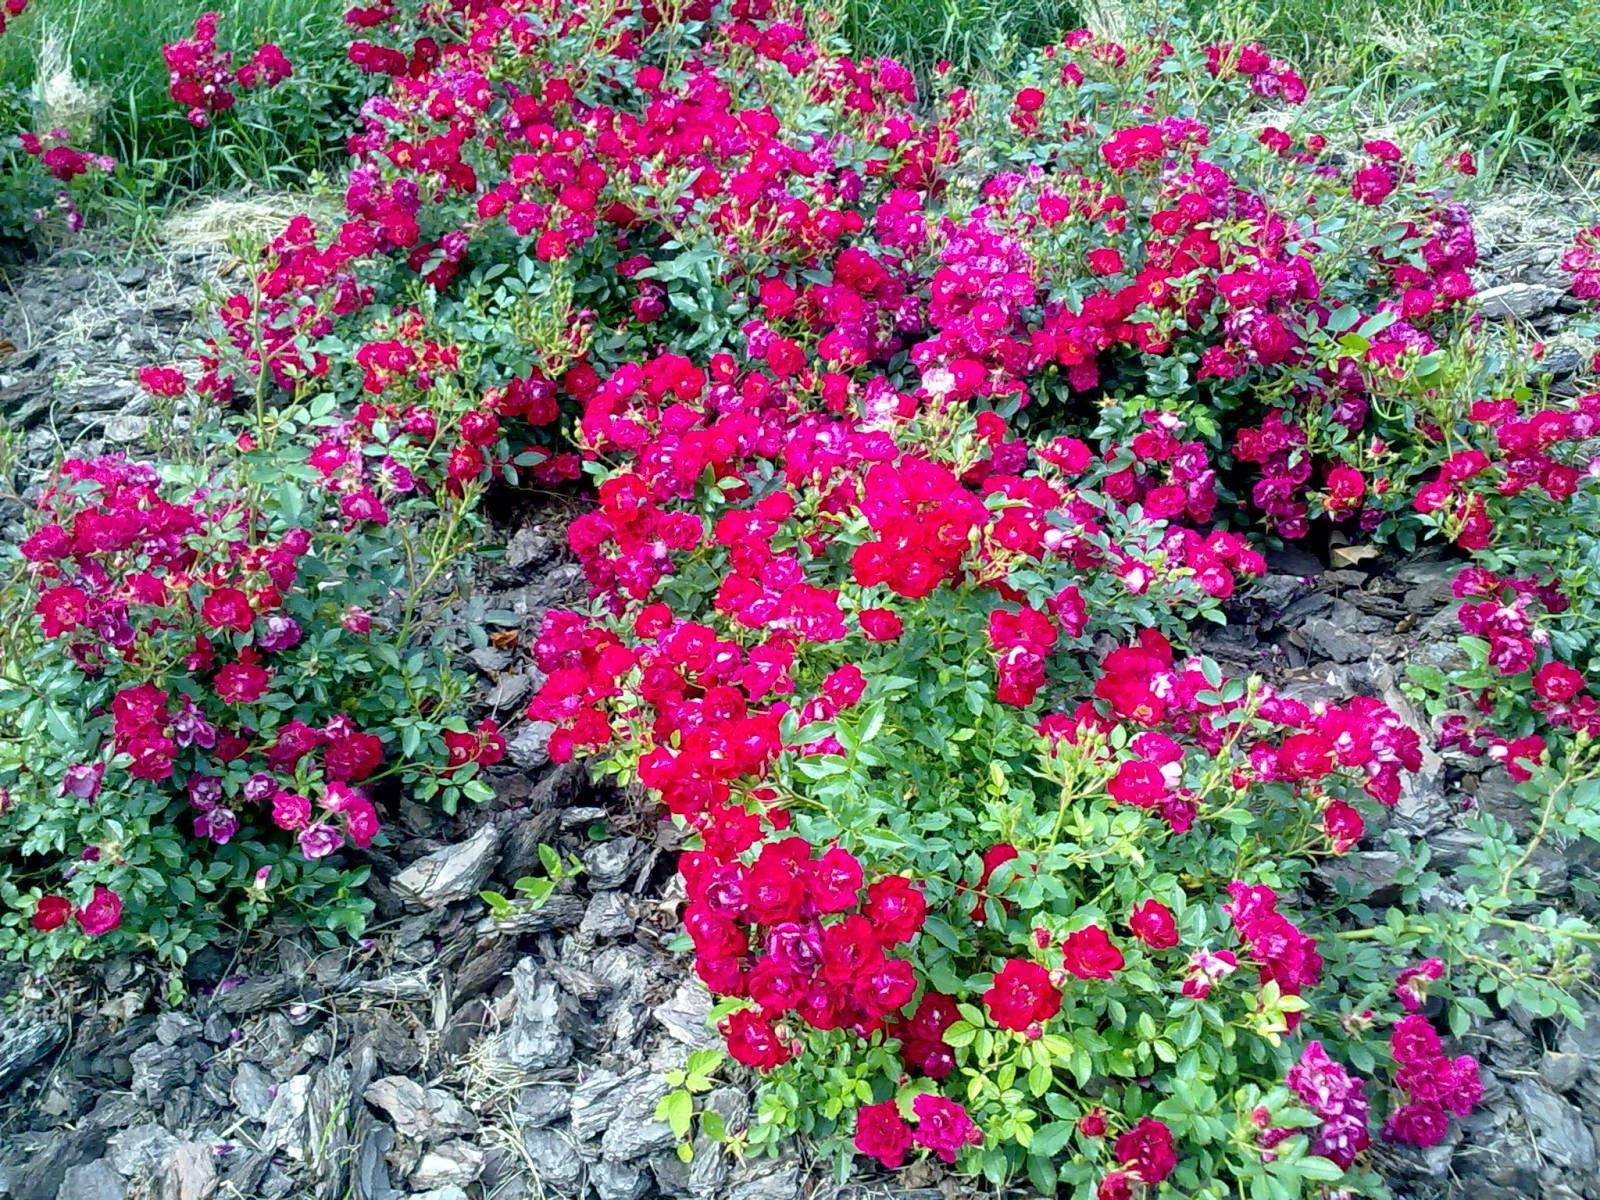 Миниатюрные представительницы семейства роз, очень любимые цветоводами за легкость в обращении с ними  и умение своими побегами скрывать  вынужденные  изъяны ландшафта.